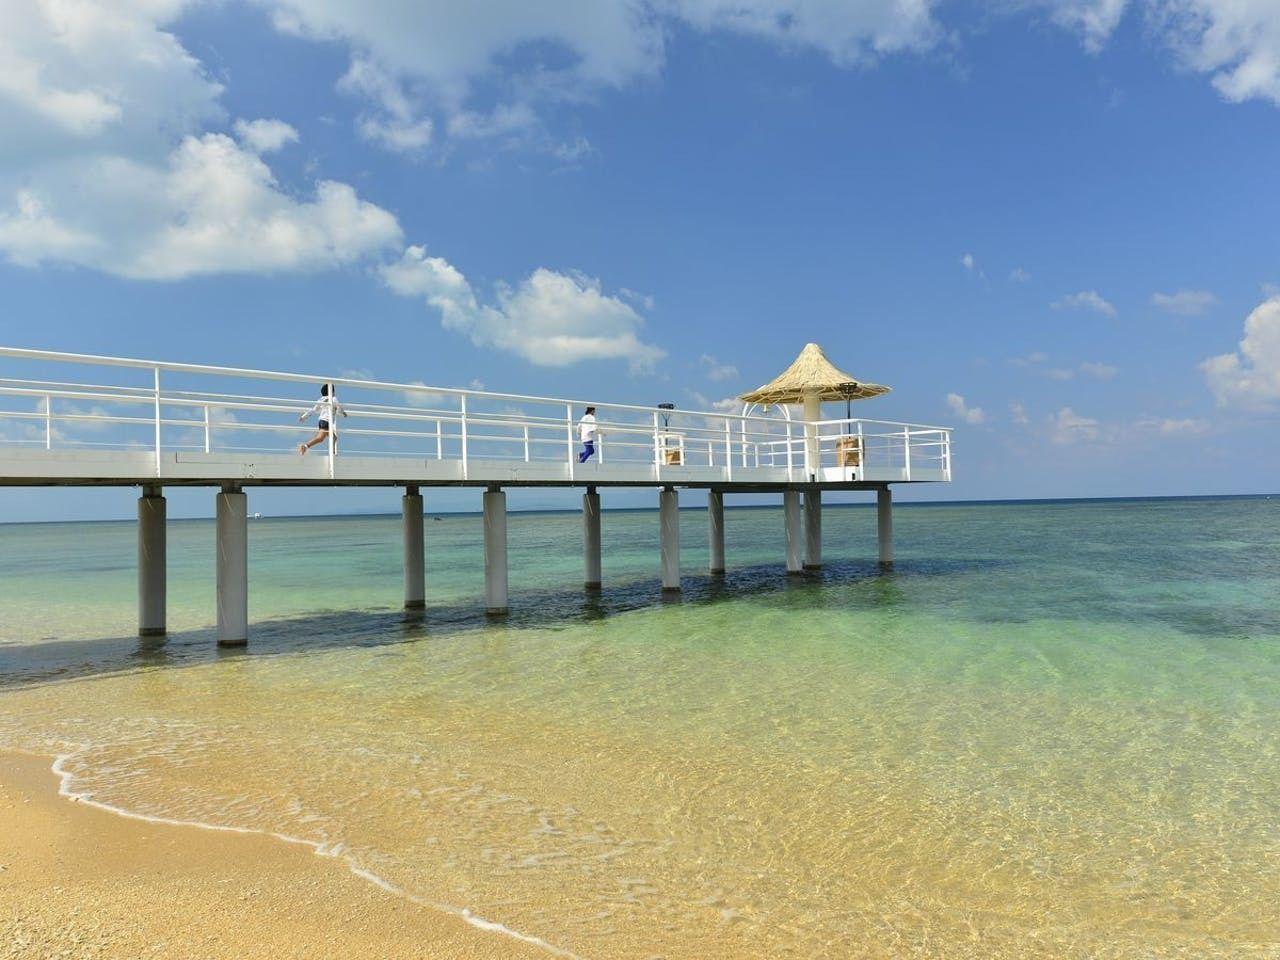 沖縄・石垣島のおすすめ高級ホテル6選!贅沢気分で素敵な大人旅を♪の画像